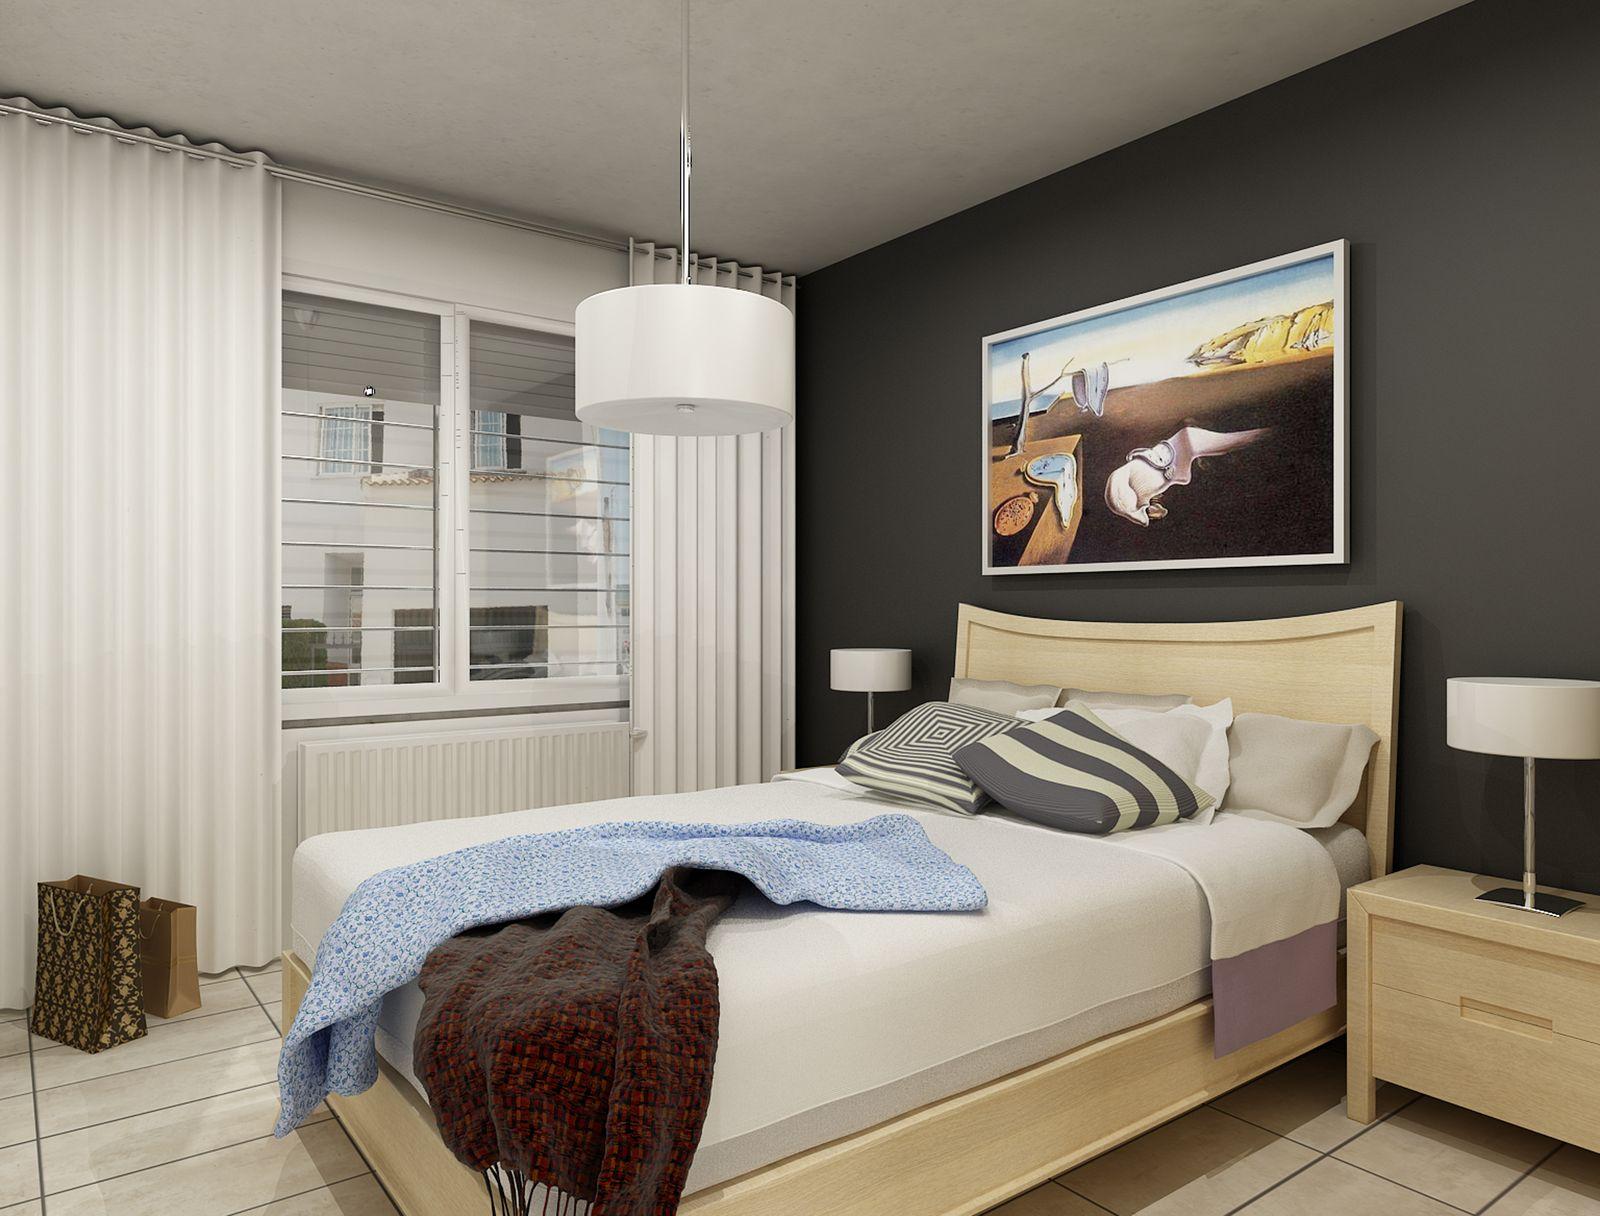 Dormitorios Peque Os Decoraci N ~ Decoracion Habitacion Juvenil Pequeña